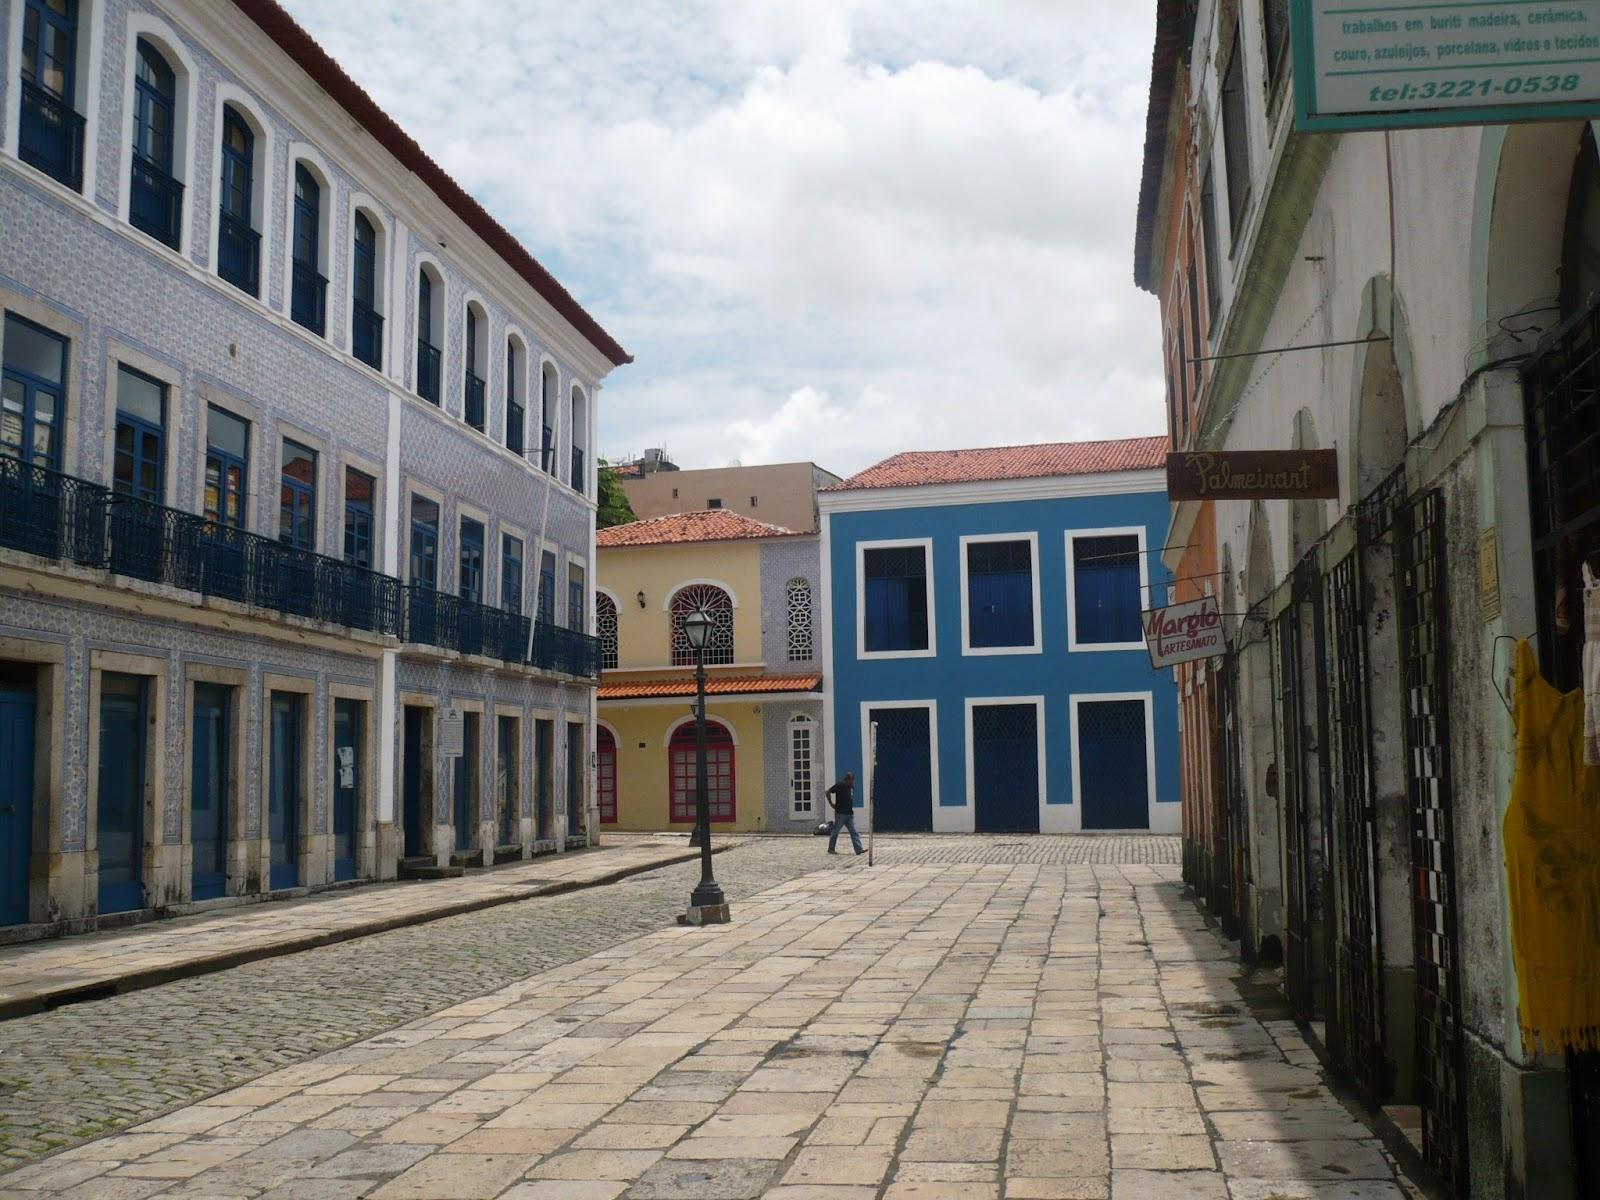 decoracao de interiores estilo colonial : decoracao de interiores estilo colonial:Os ambientesinternos eram muitas vezes definidos pela harmoniosa